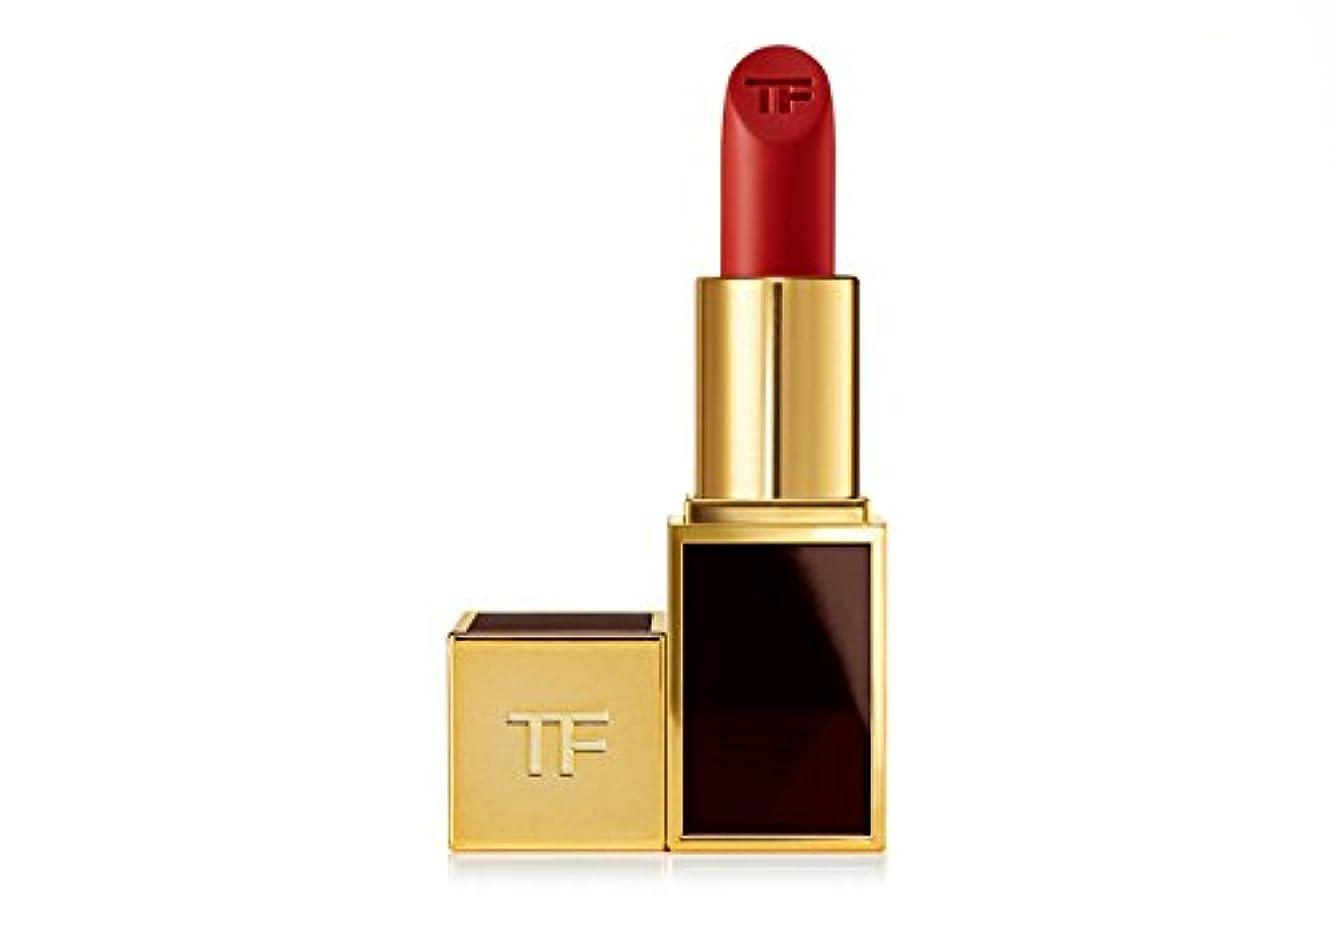 トムフォード リップス アンド ボーイズ 8 レッズ リップカラー 口紅 Tom Ford Lipstick 8 REDS Lip Color Lips and Boys (Dylan ディラン) [並行輸入品]